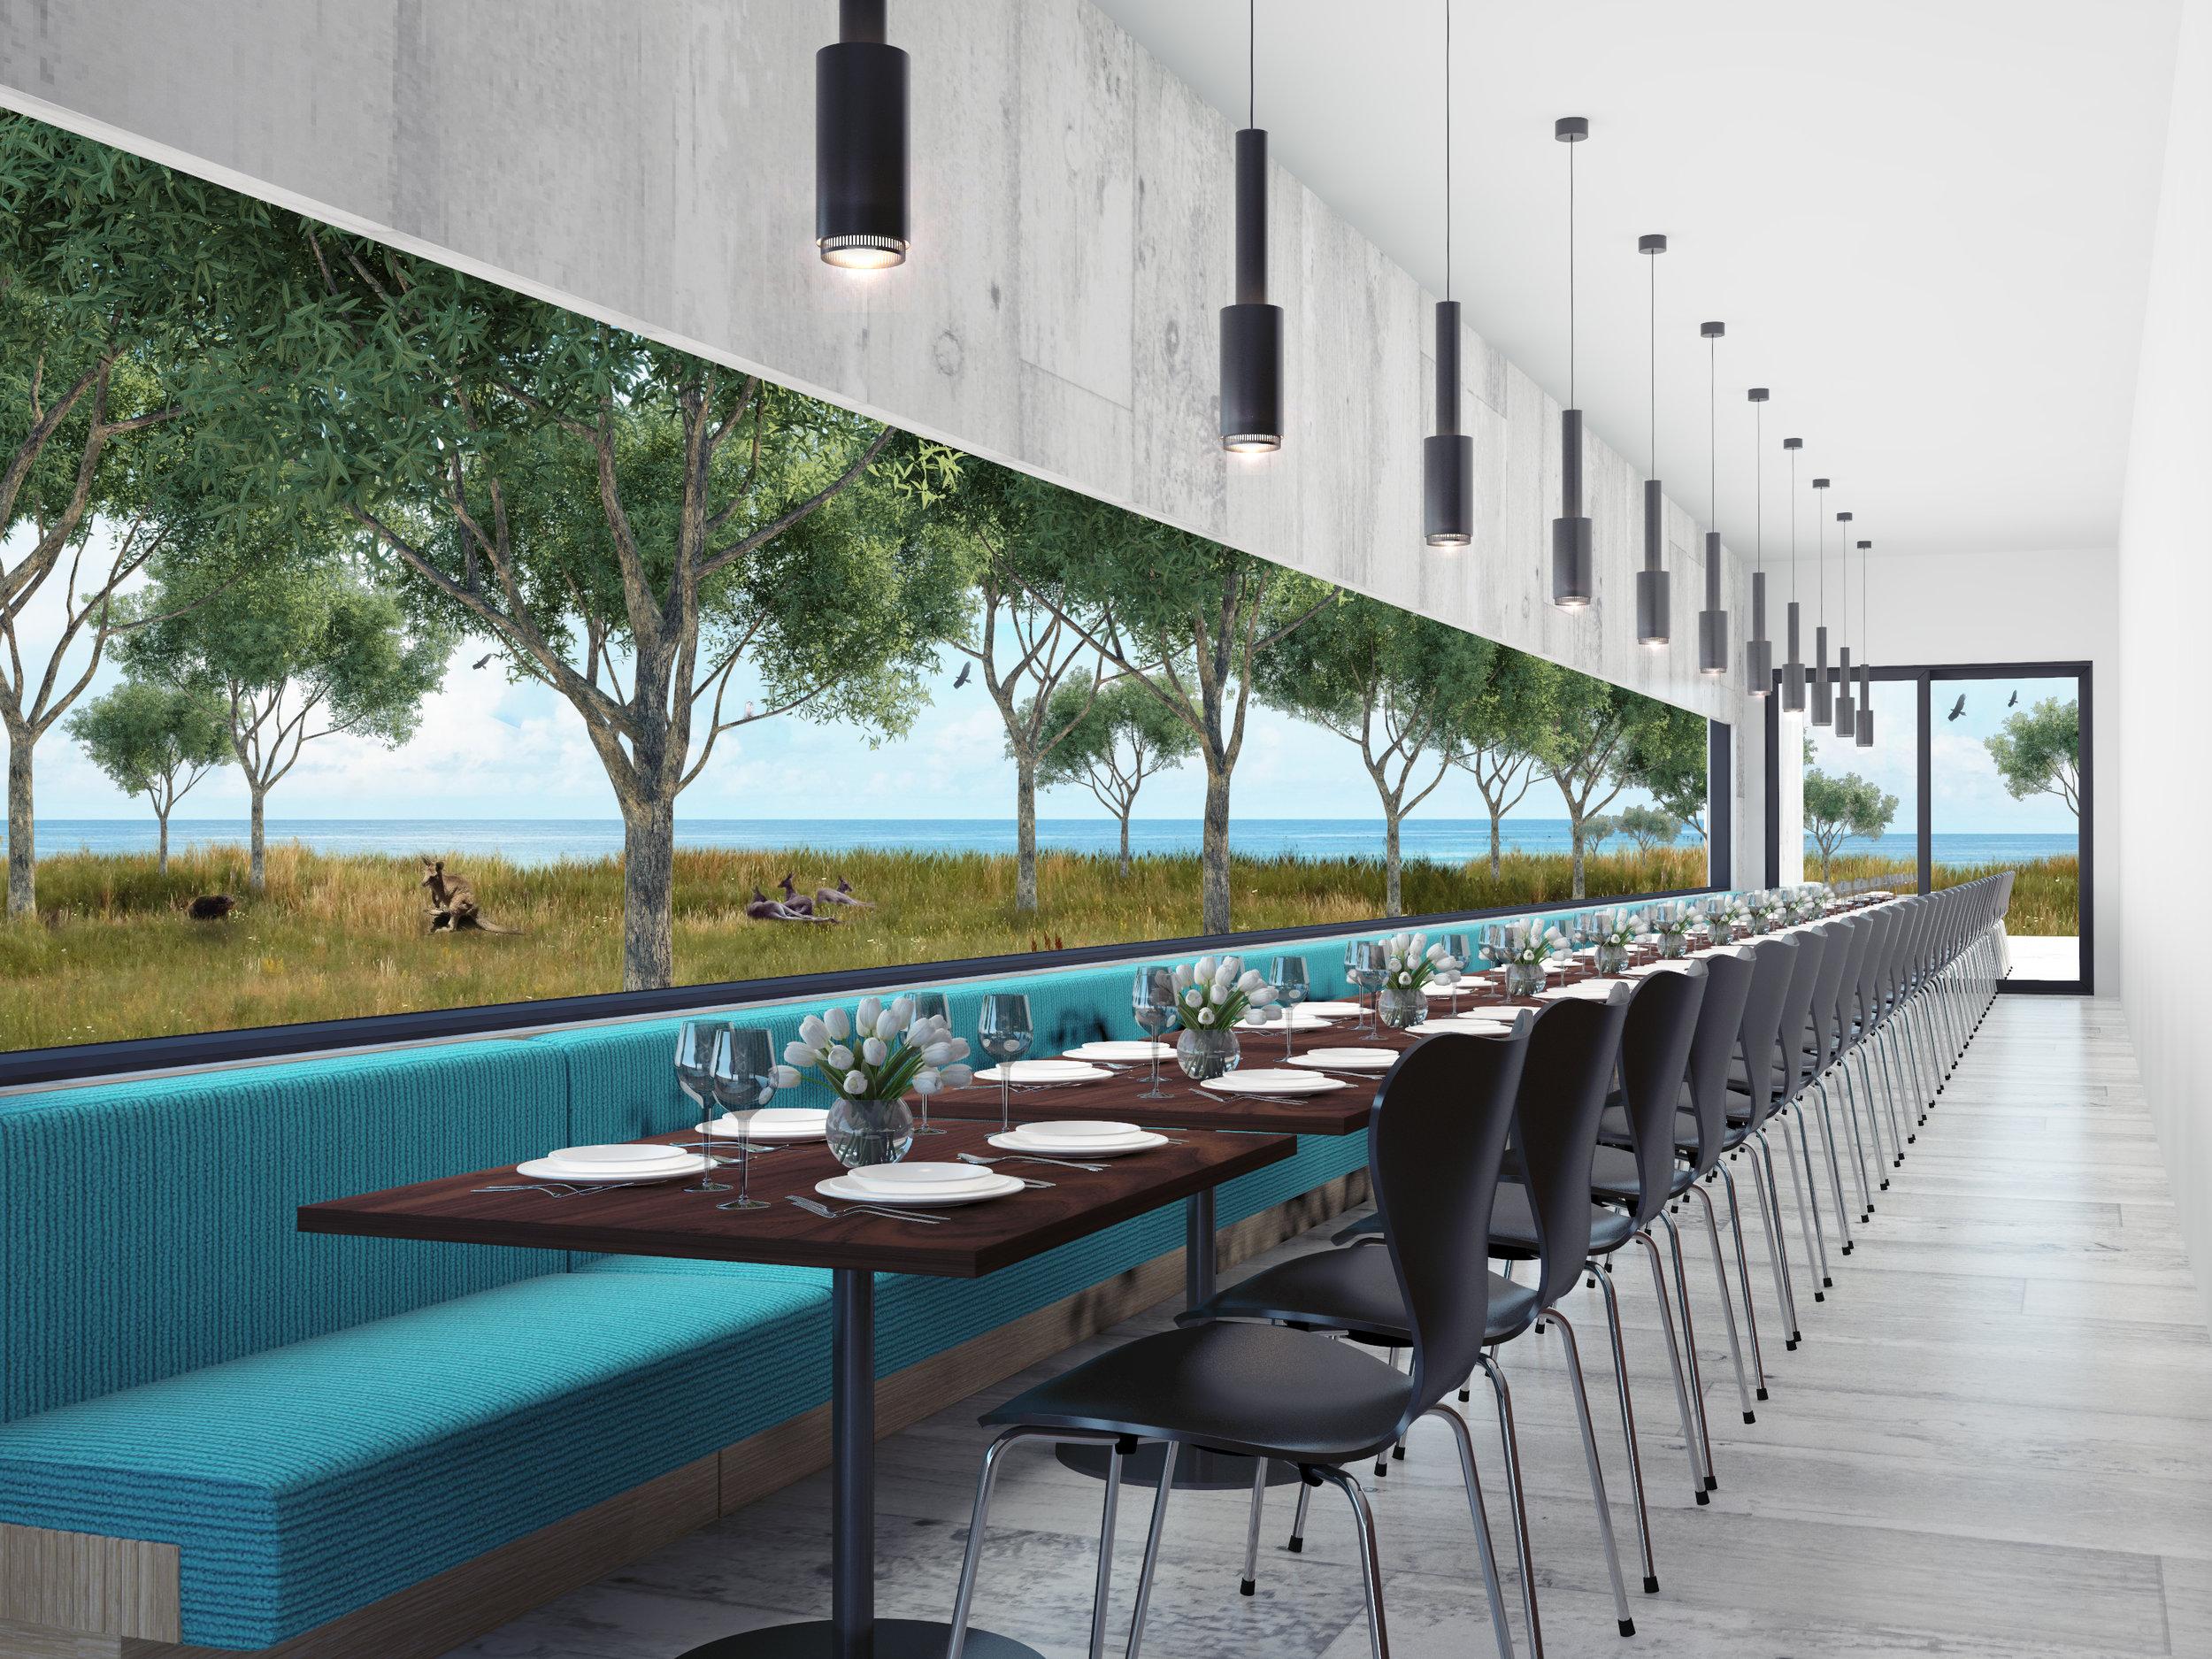 interior_restaurant_hd.jpg